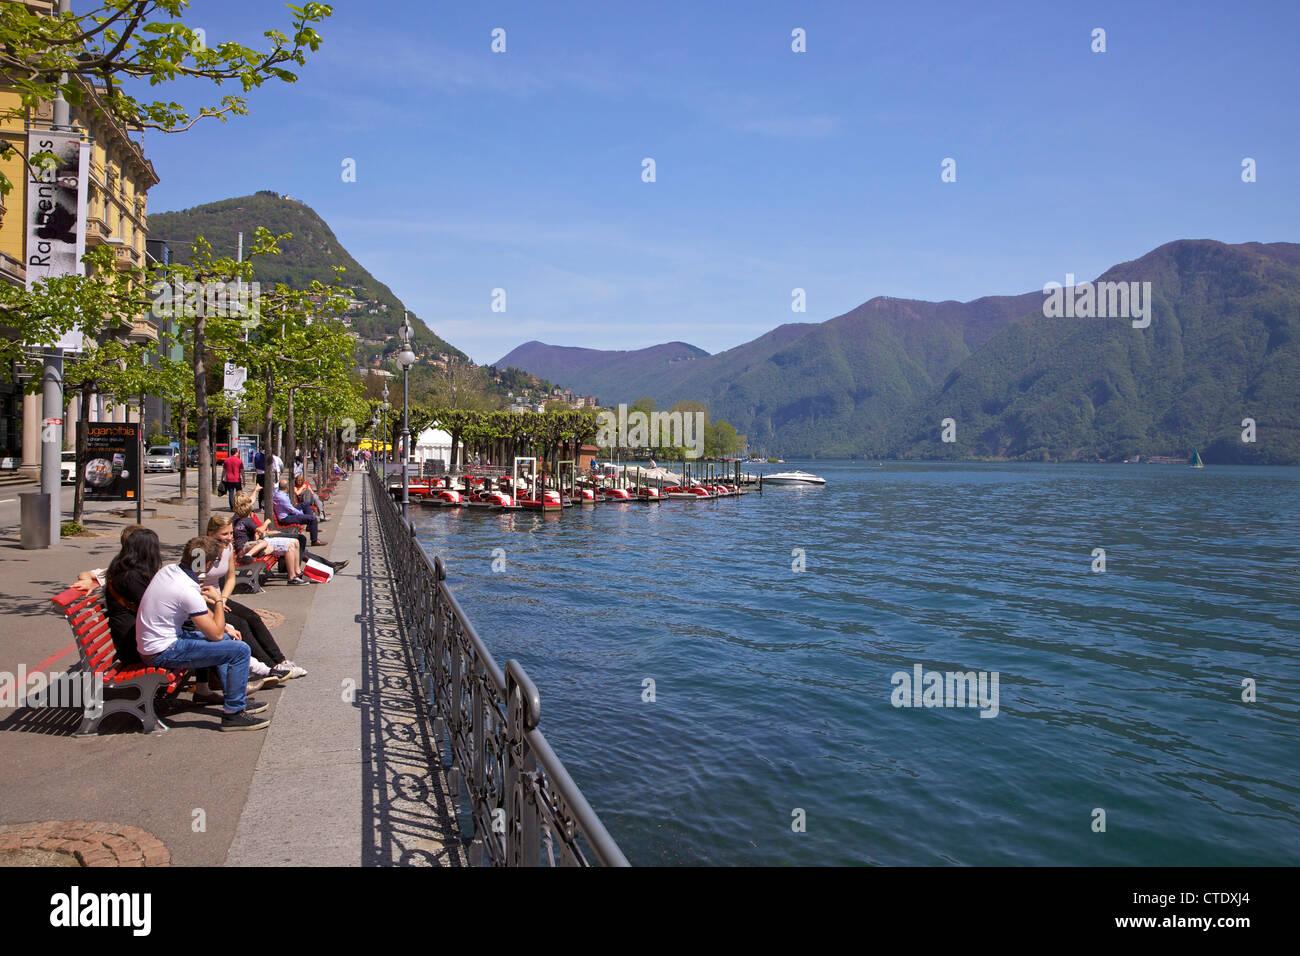 Besucher genießen am See Sonne, Stadt von Lugano, Lago di Lugano, Tessin, Schweiz, Europa Stockbild